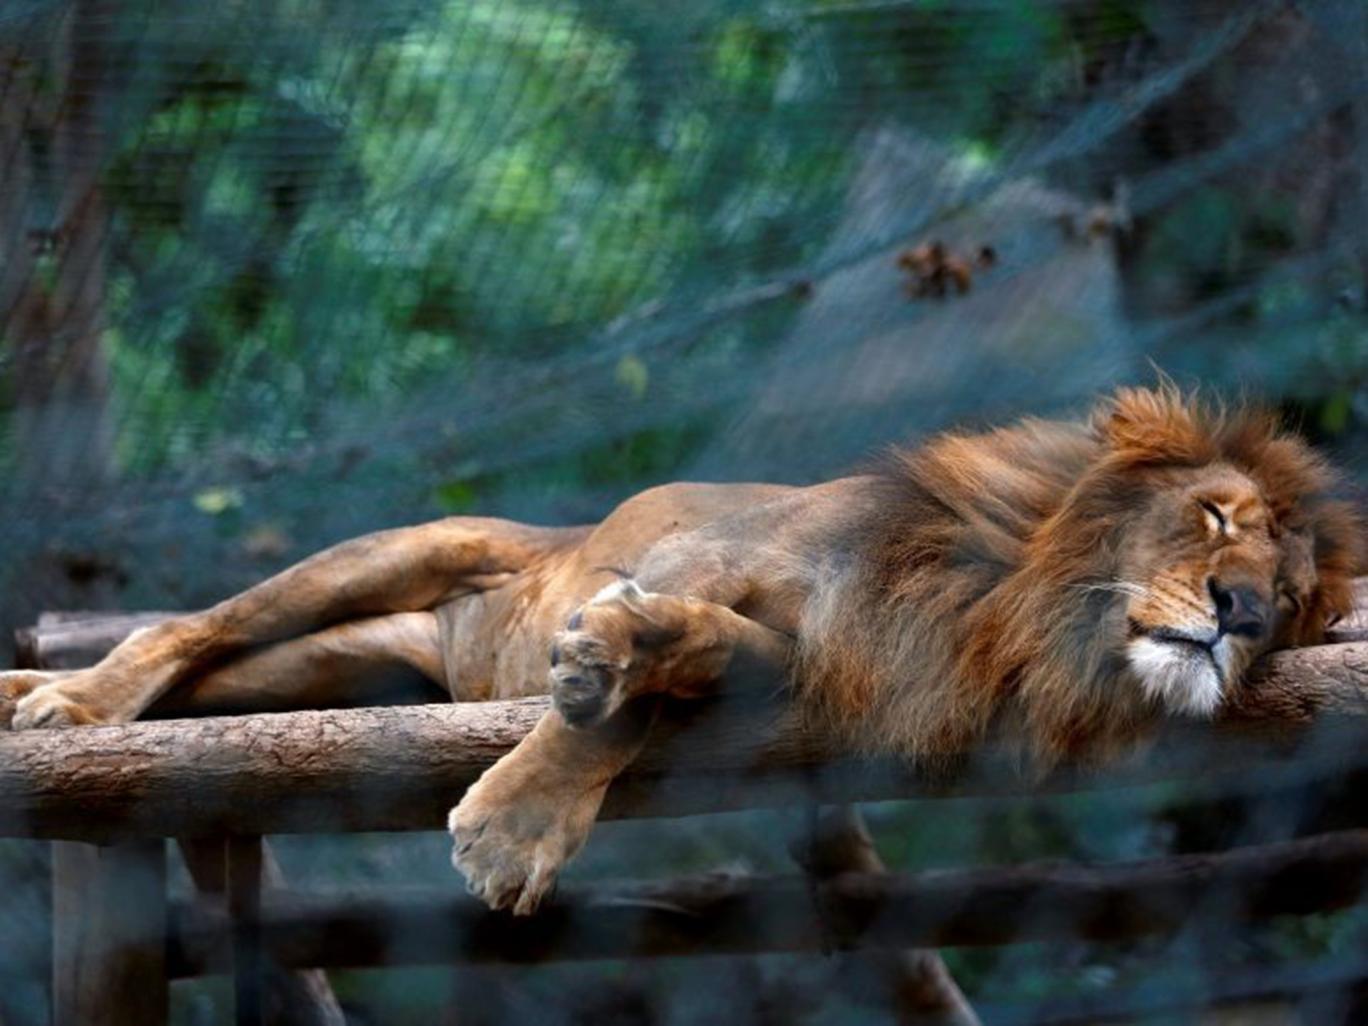 Lion in venezuelan zoo